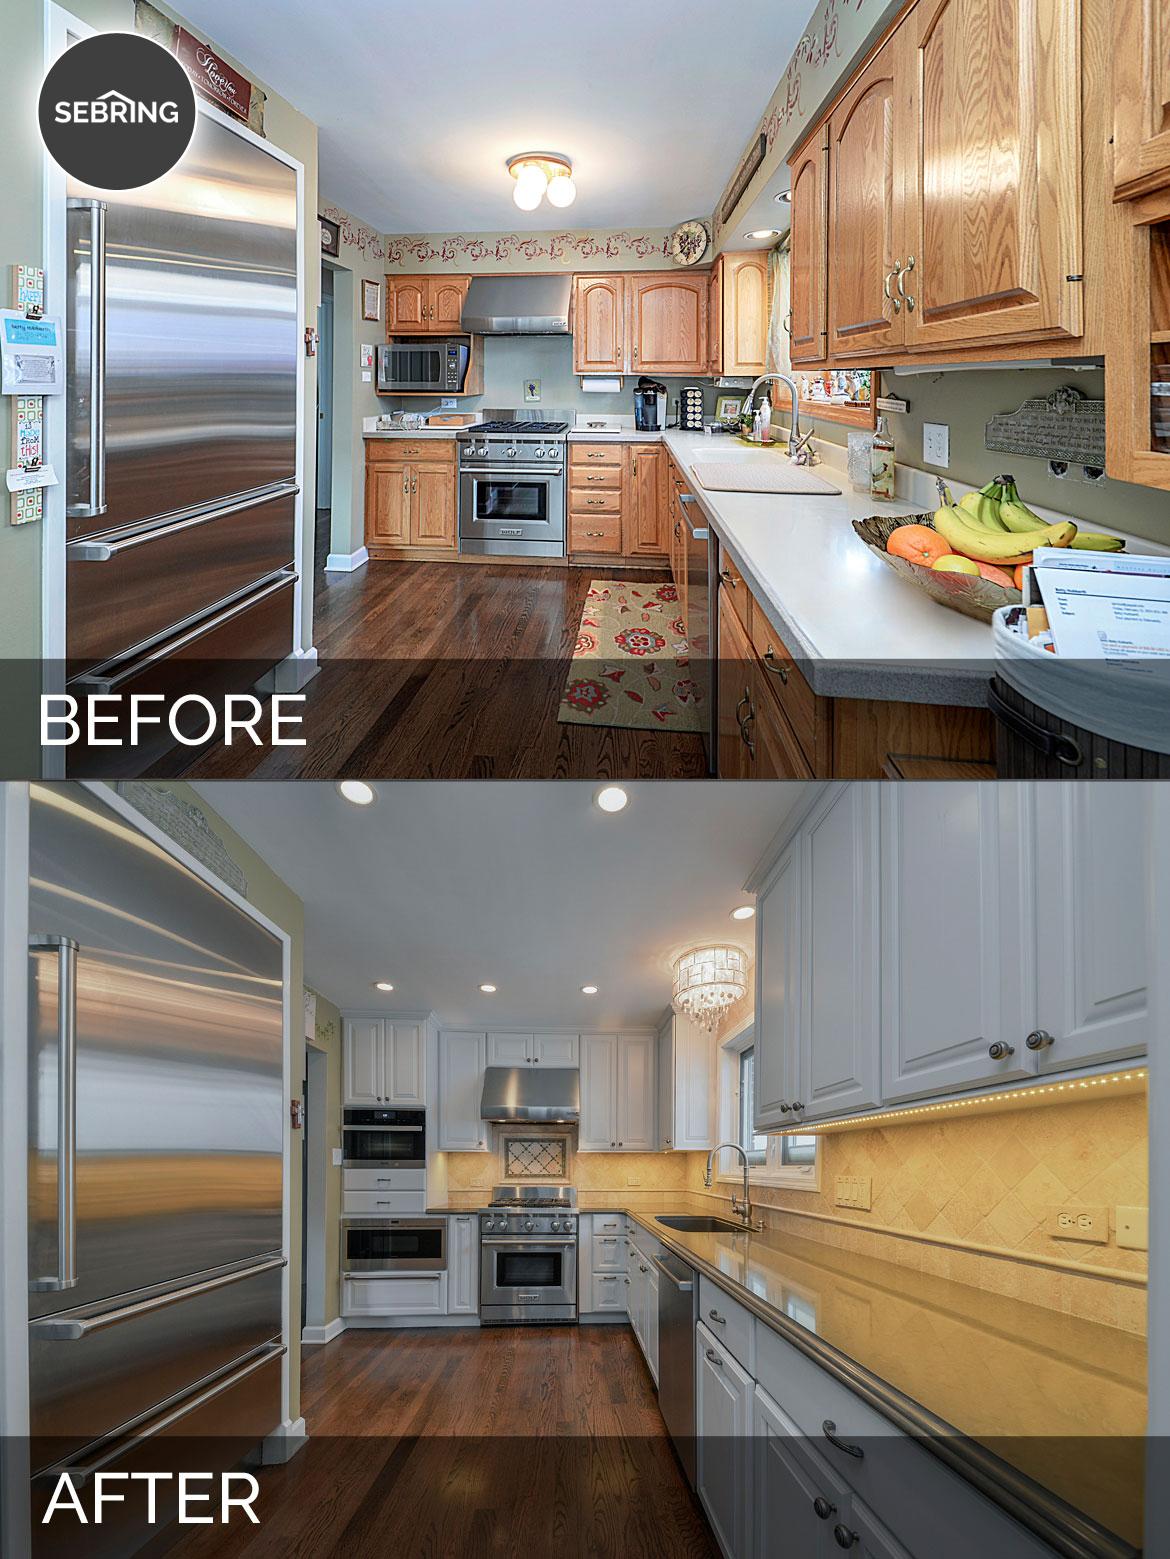 Before & After Kitchen Hinsdale - Sebring Design Build